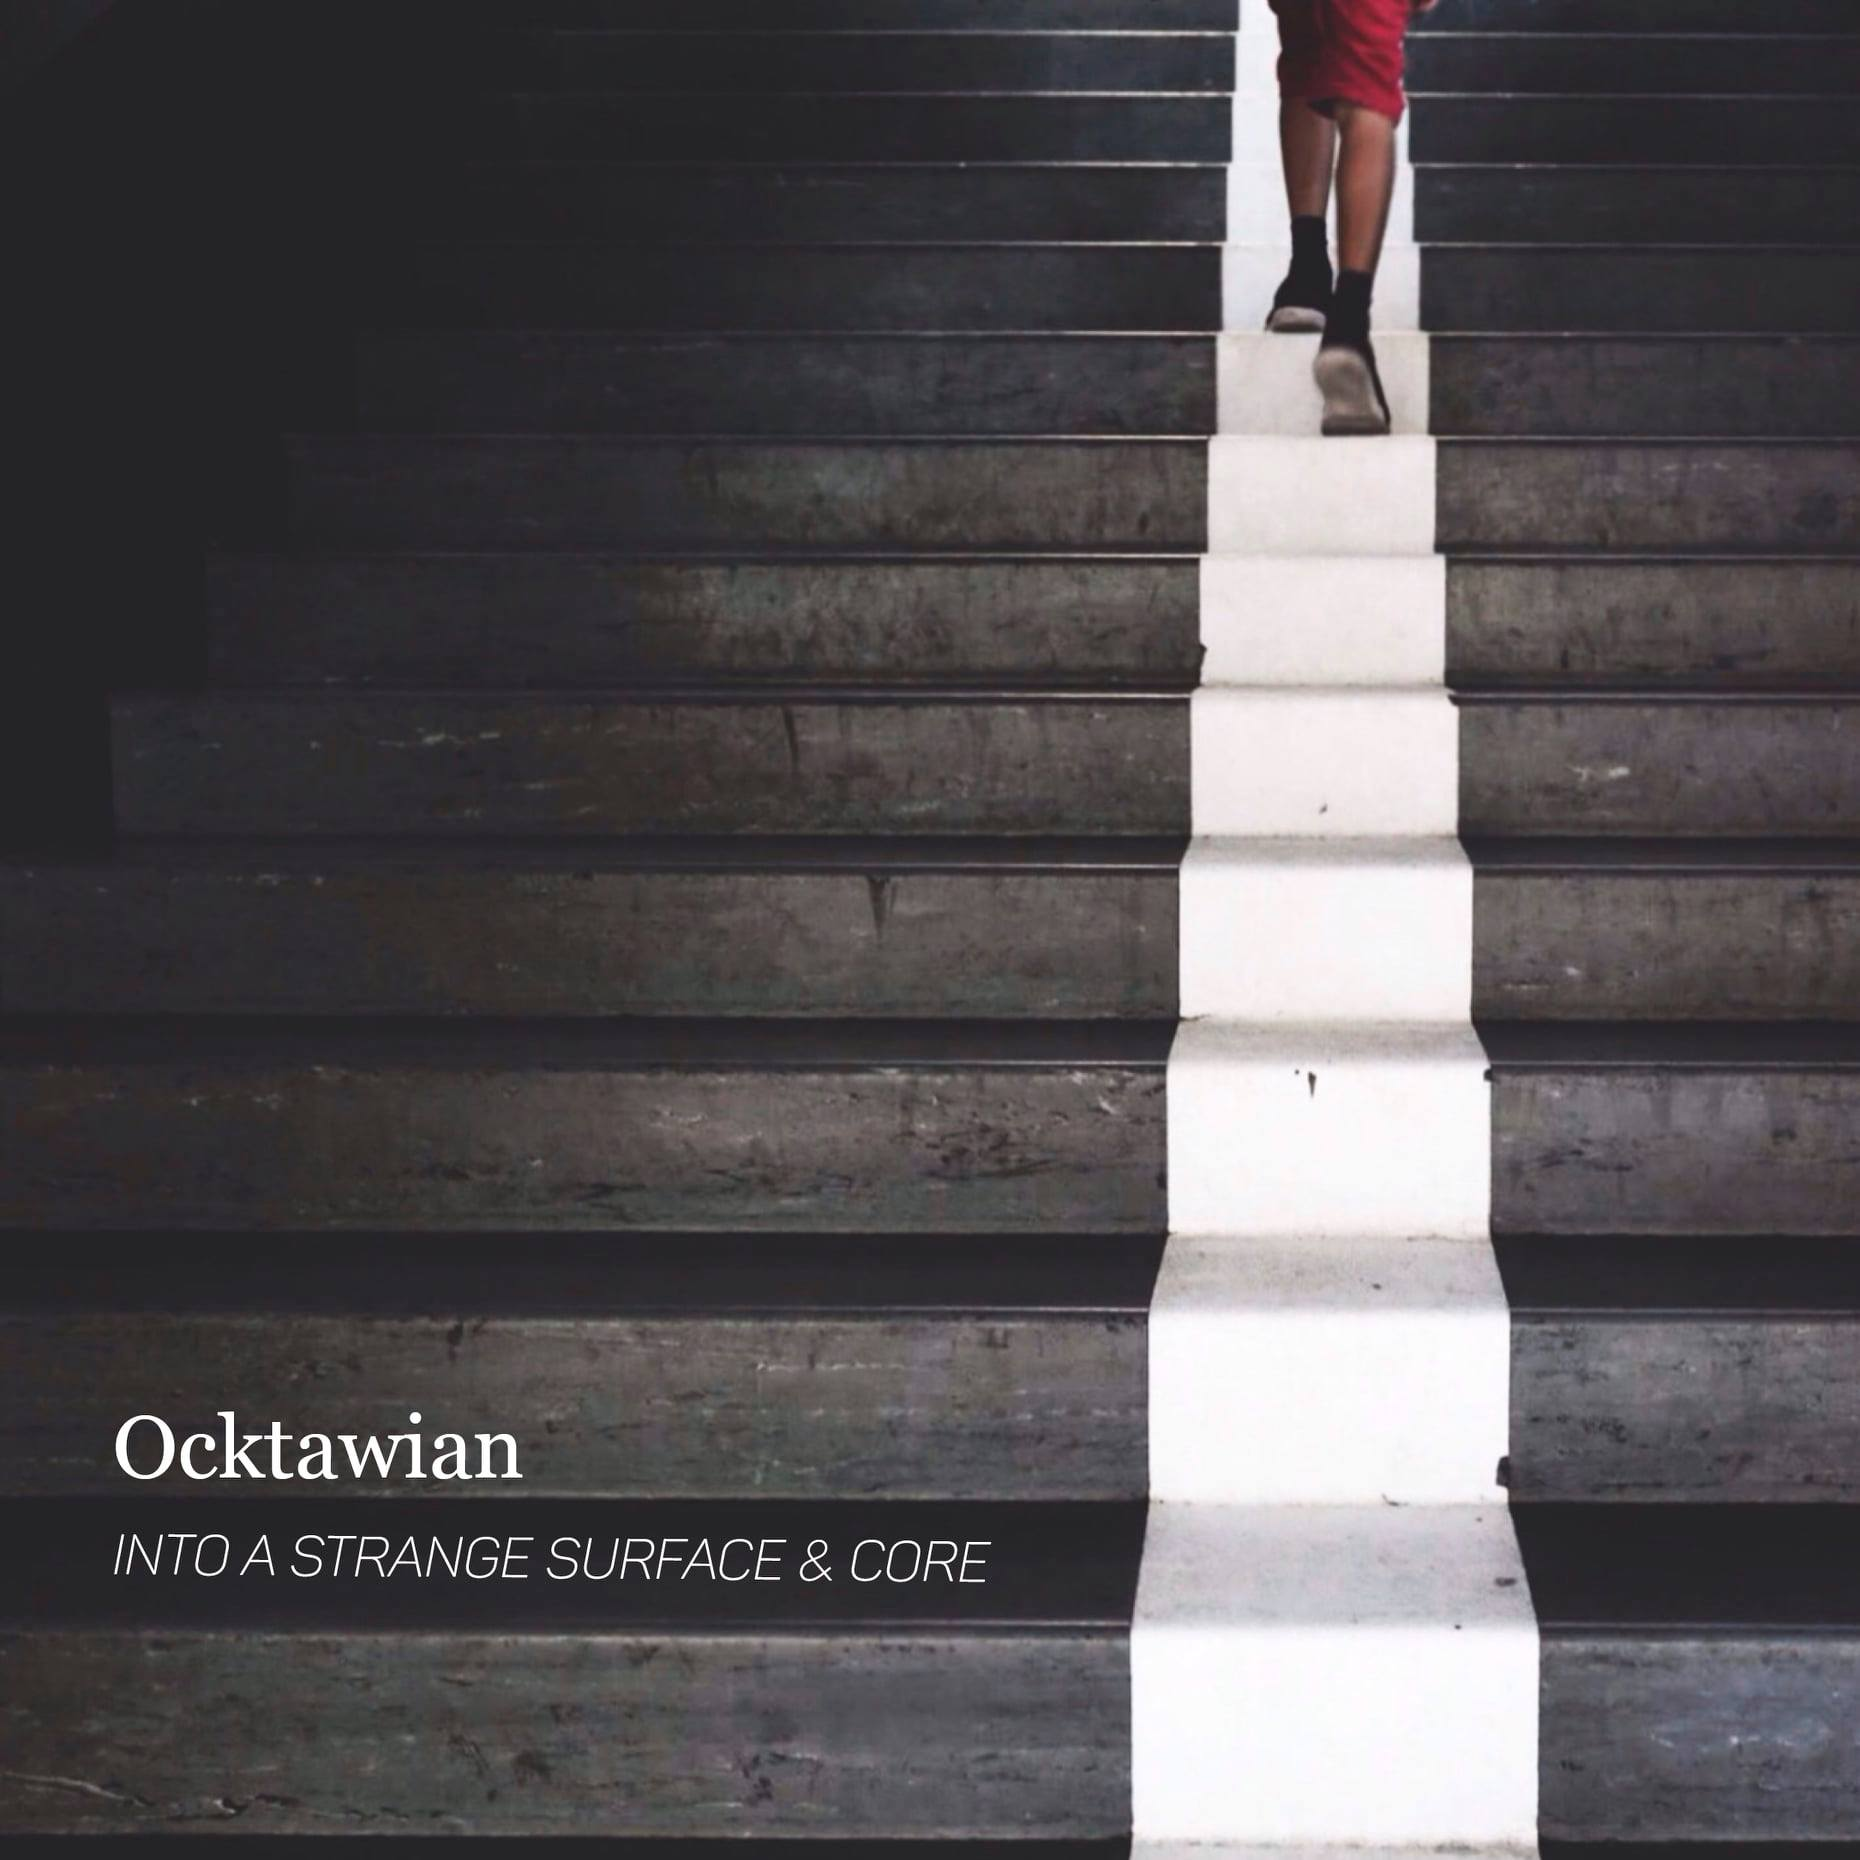 OcktawianAxis.jpeg